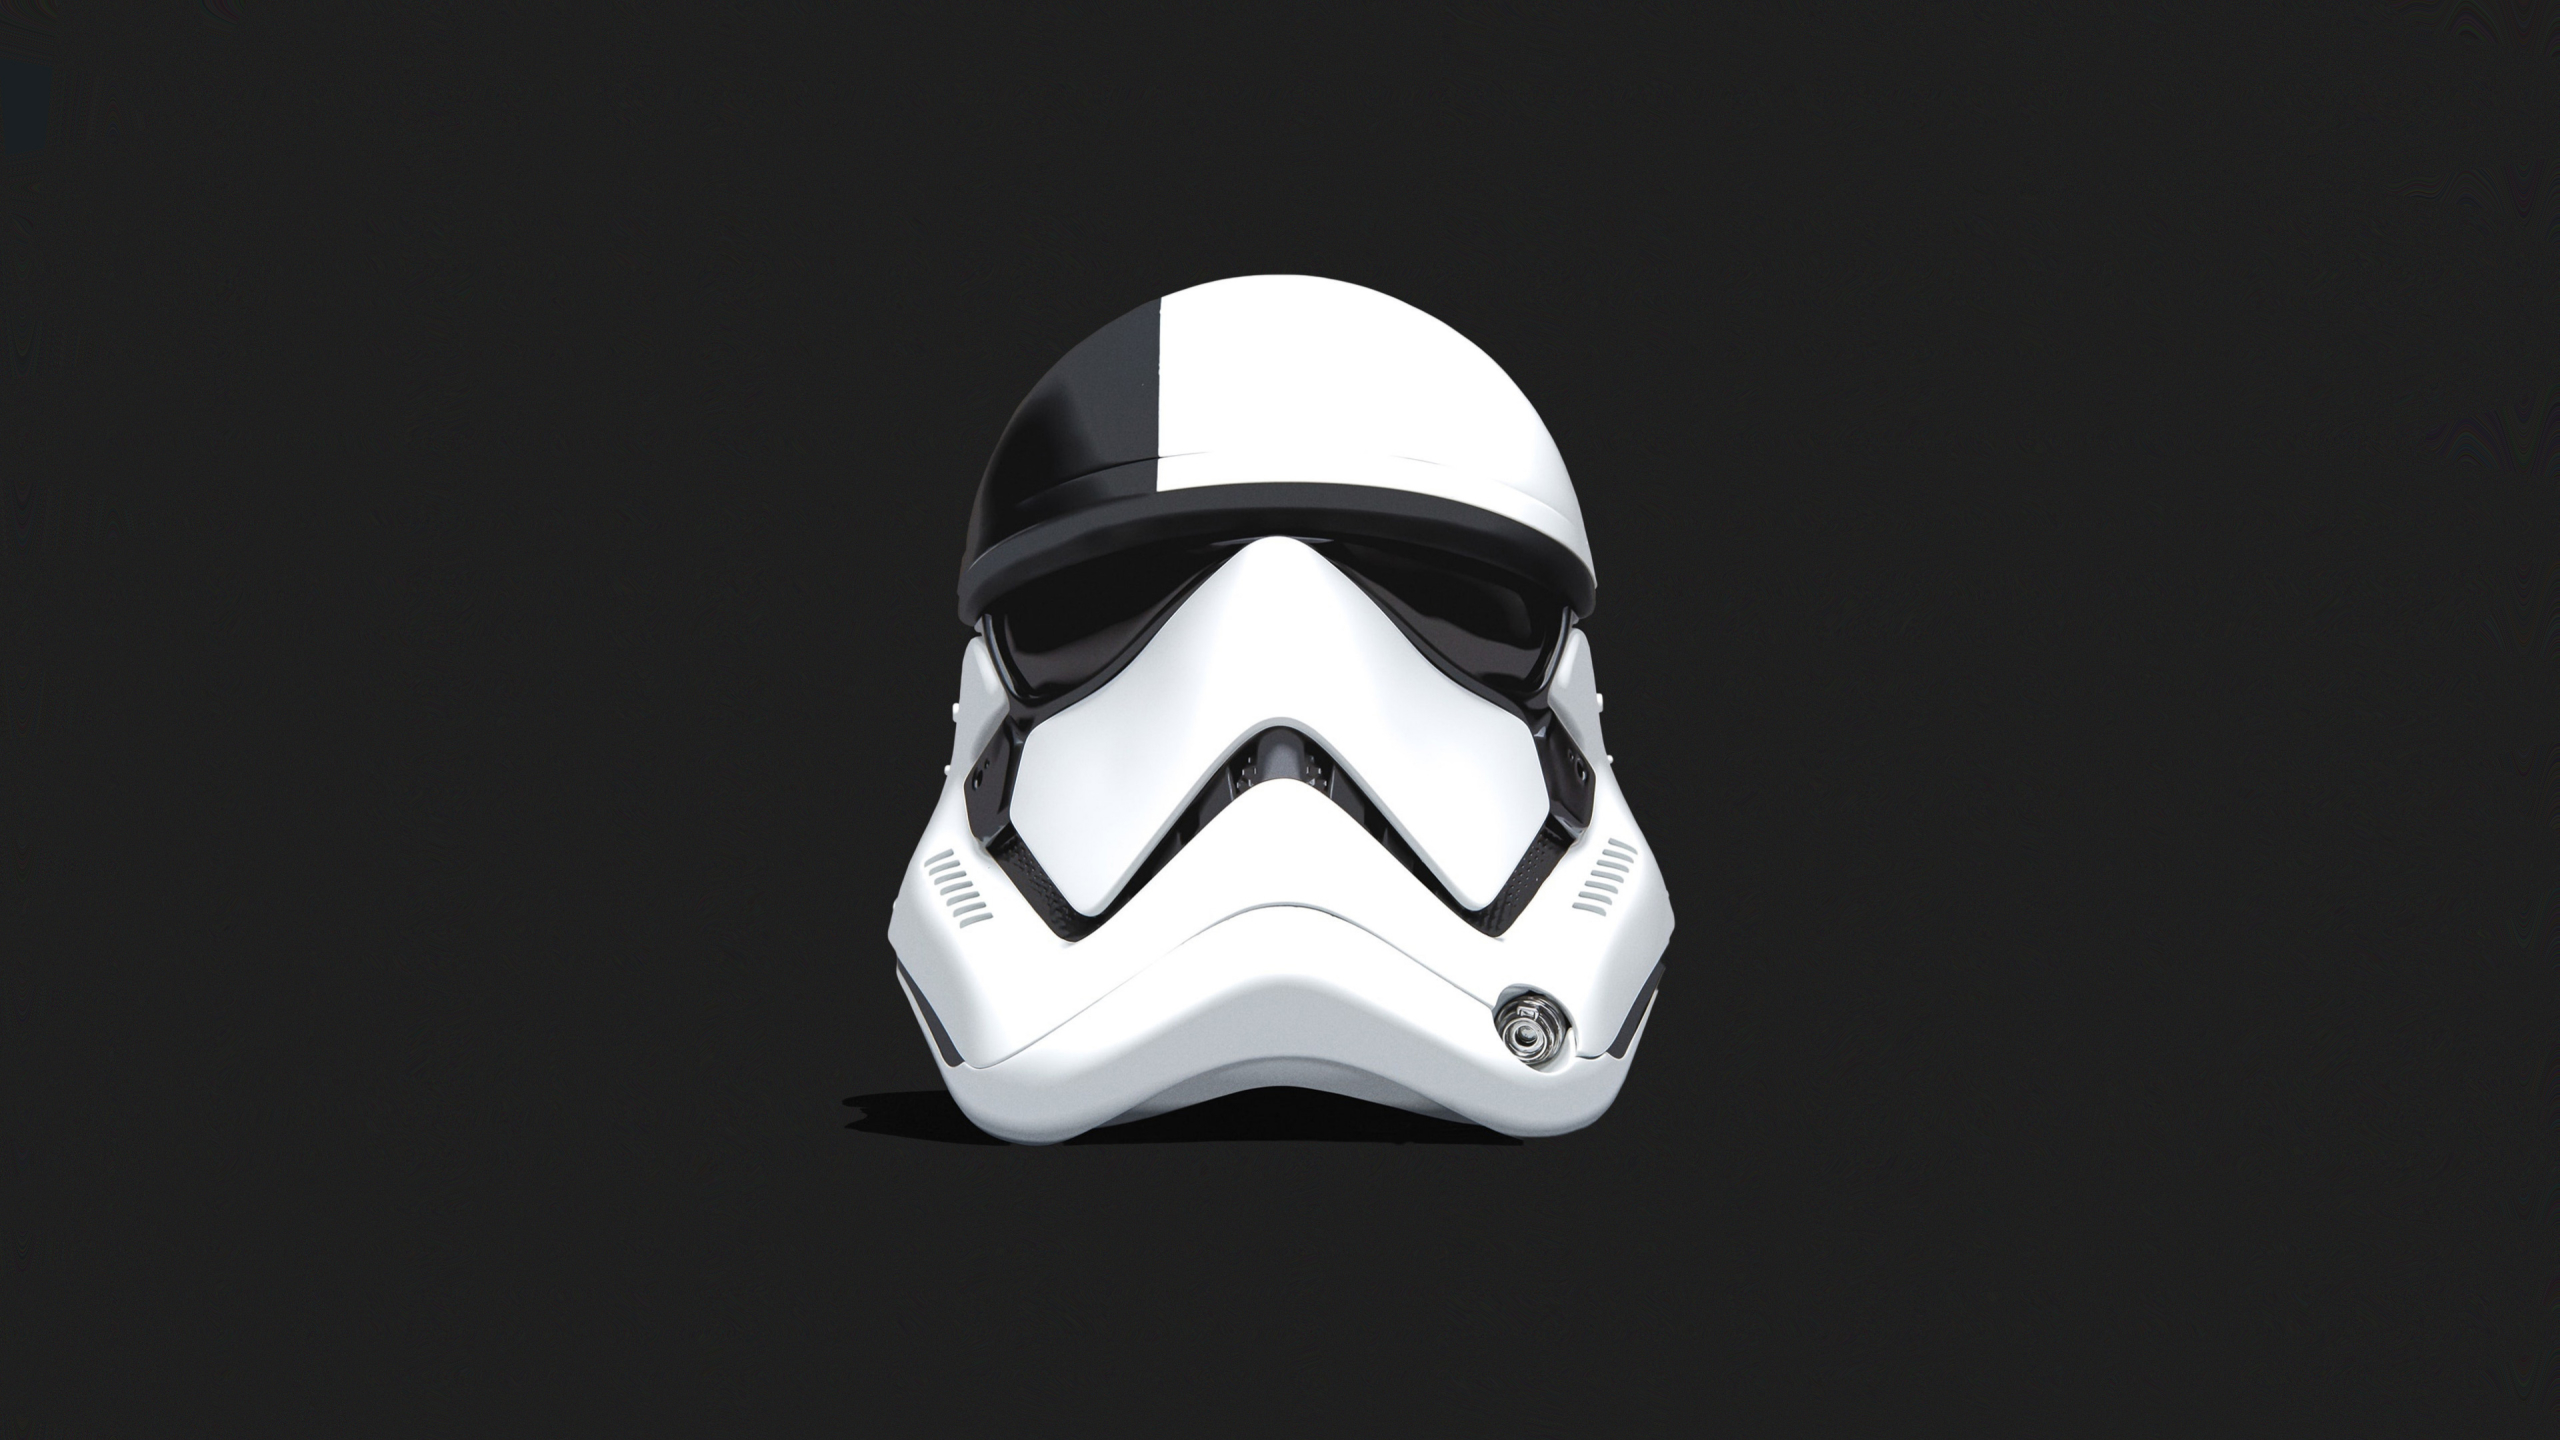 2560x1440 Stormtrooper Helmet Star Wars